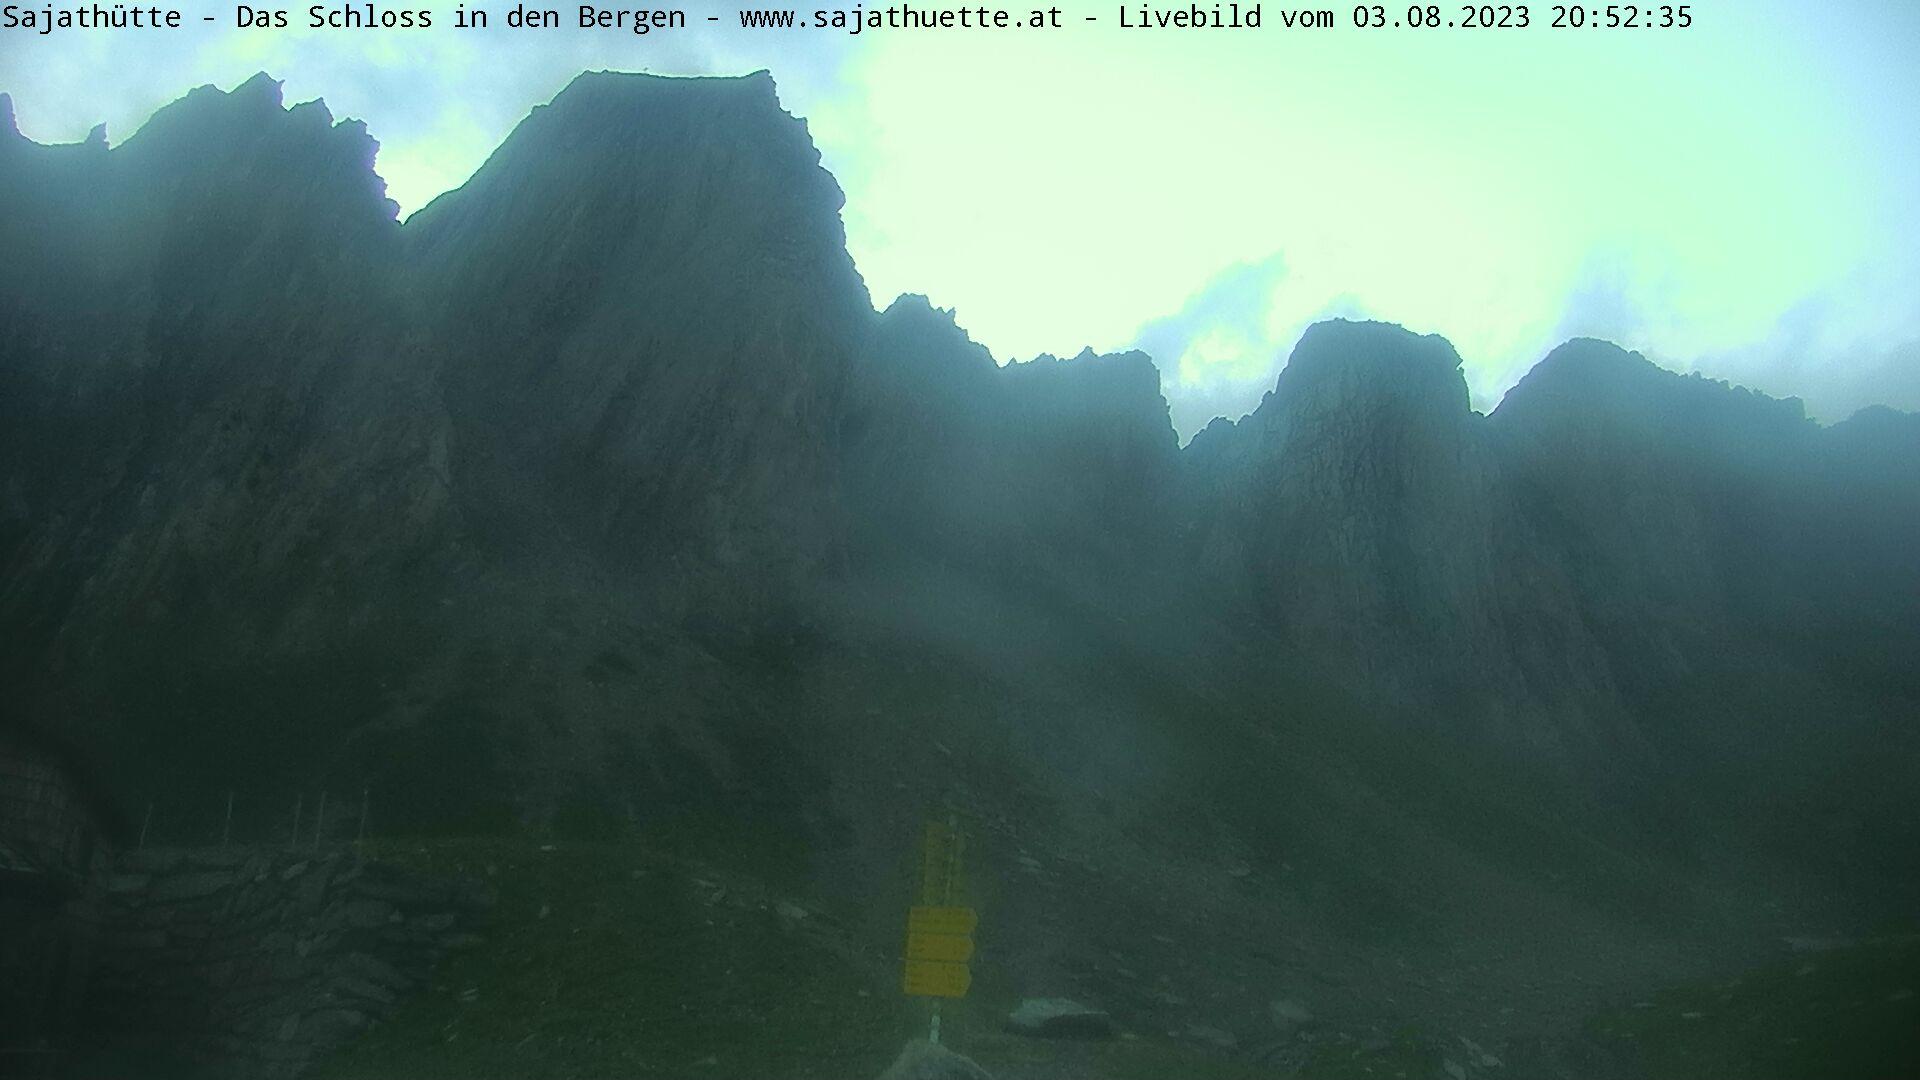 Webcam Blick Richtung Rote Säule | Webcam Sajat-Hütte 2.600 m